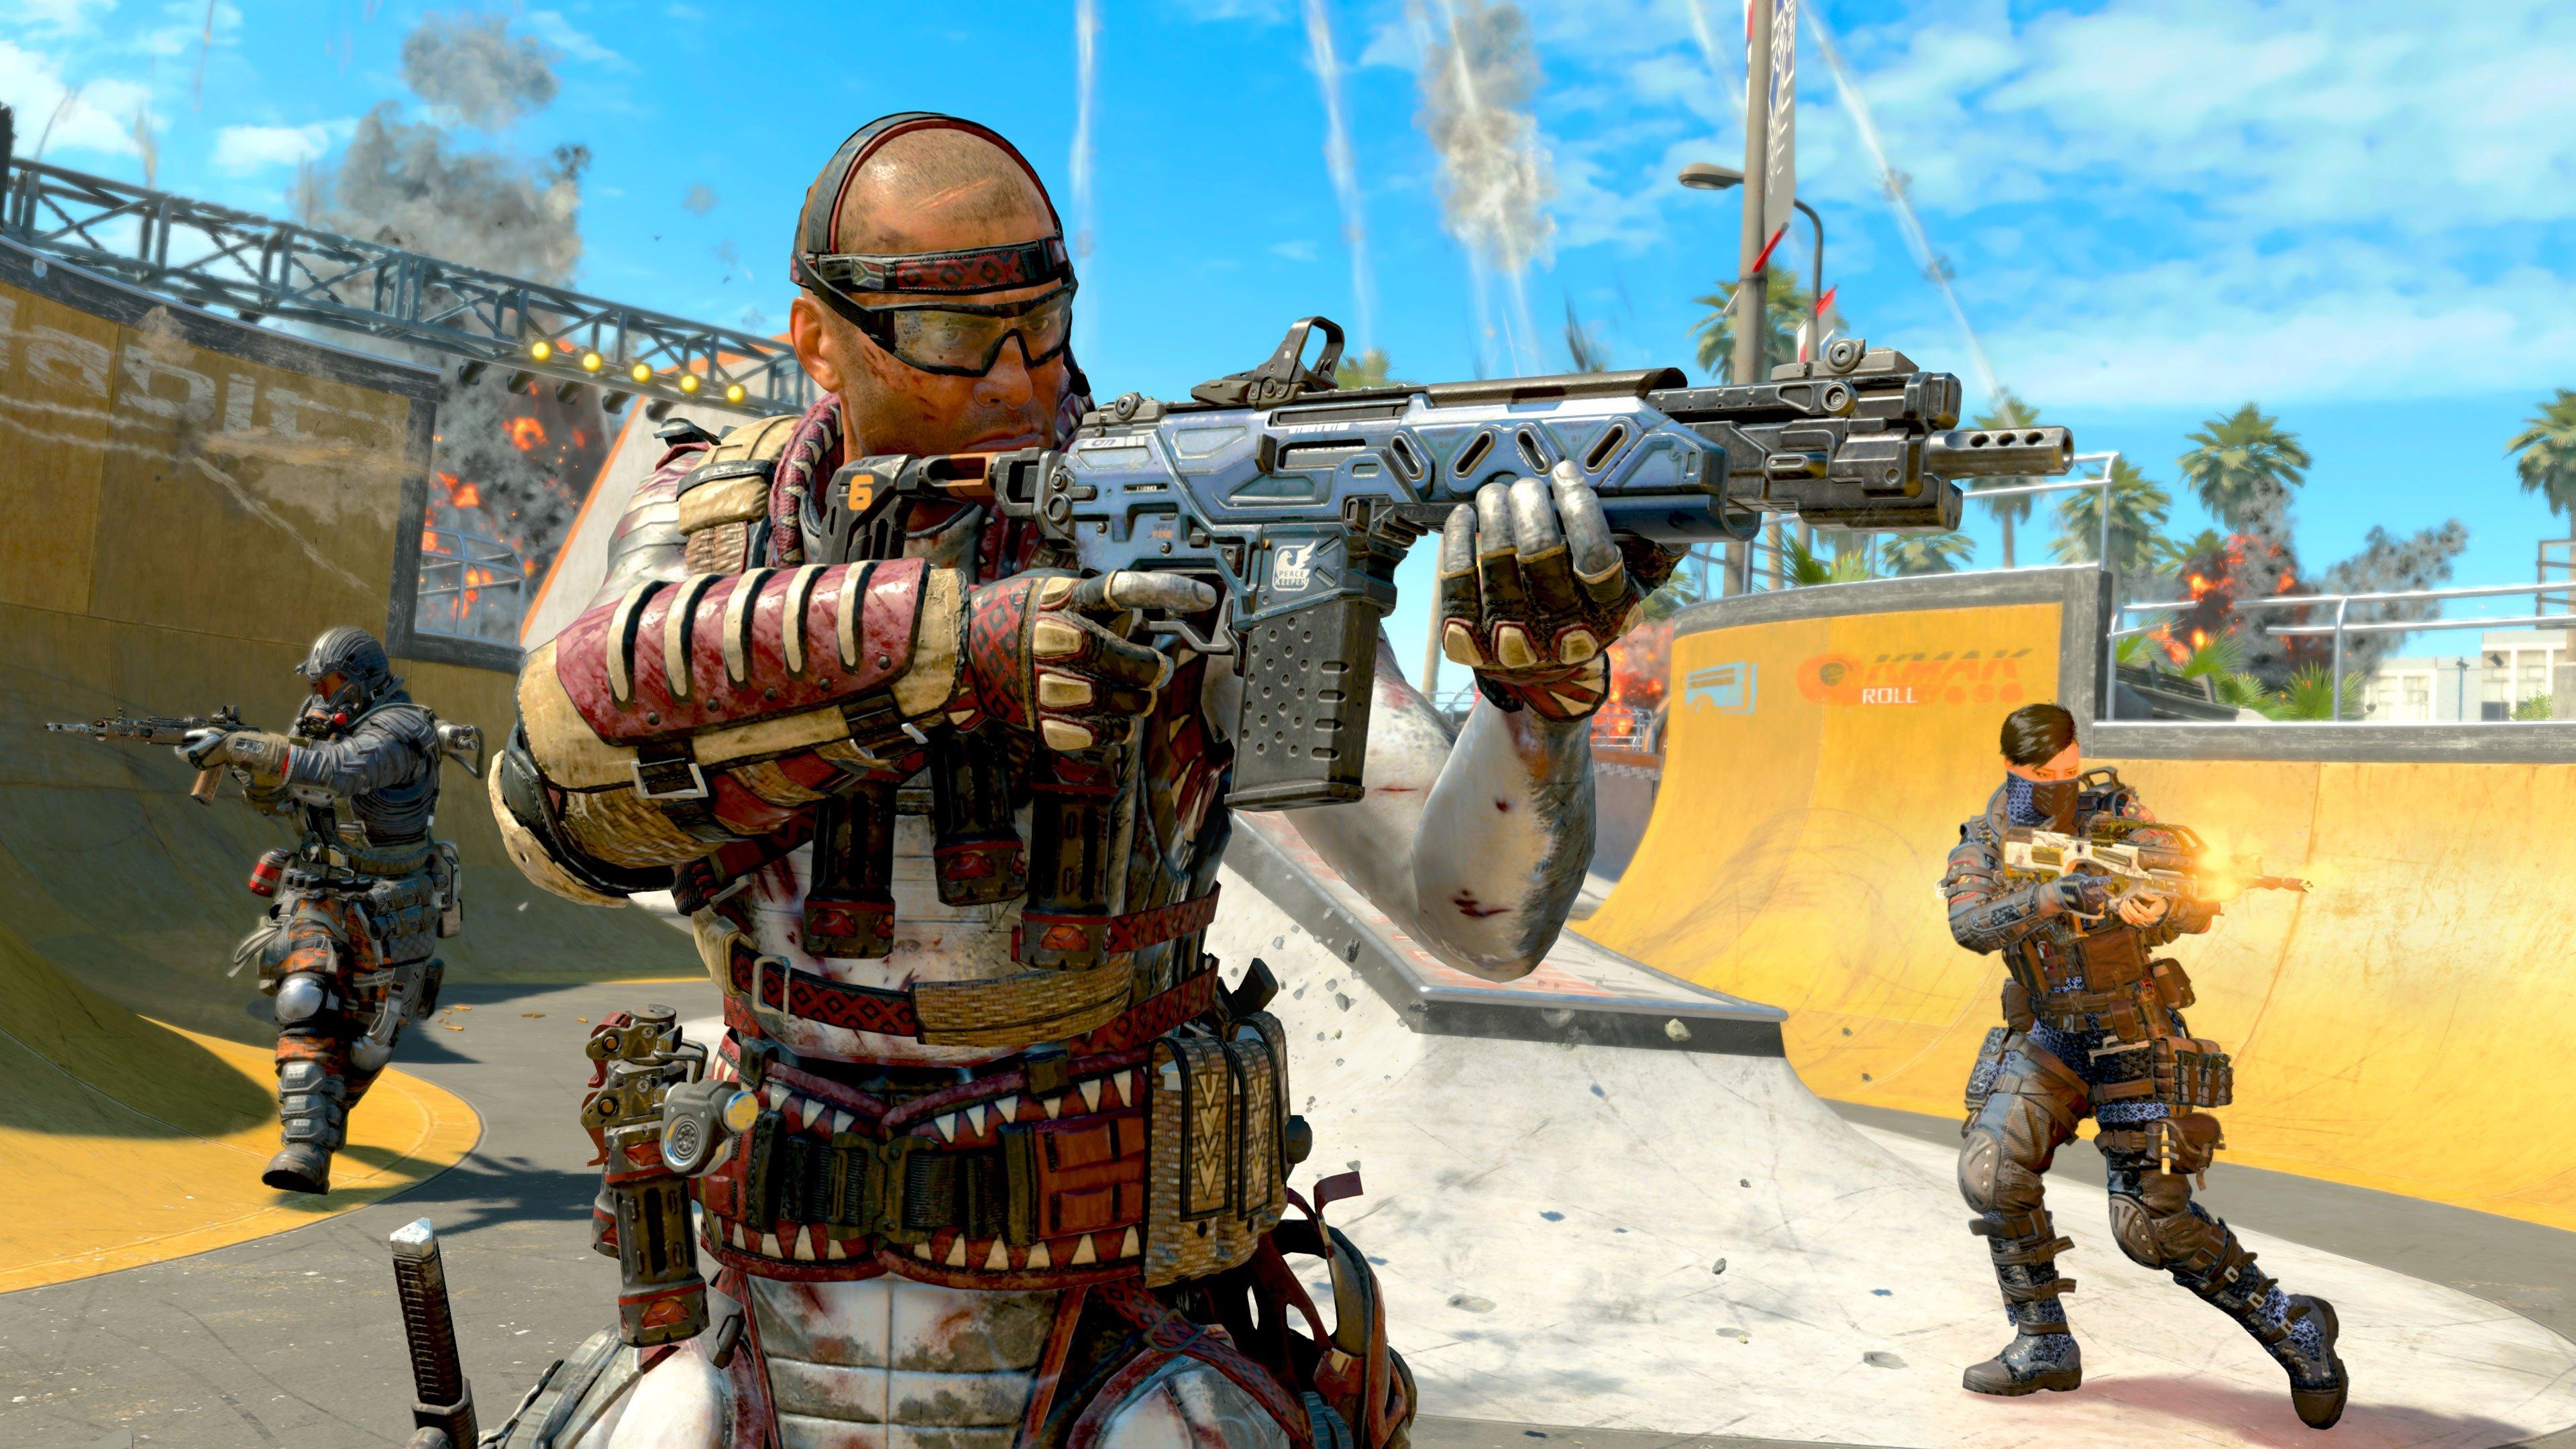 سيحصل لاعبو Call of Duty على لعبة وضع العلامة التجارية الجديدة اليوم